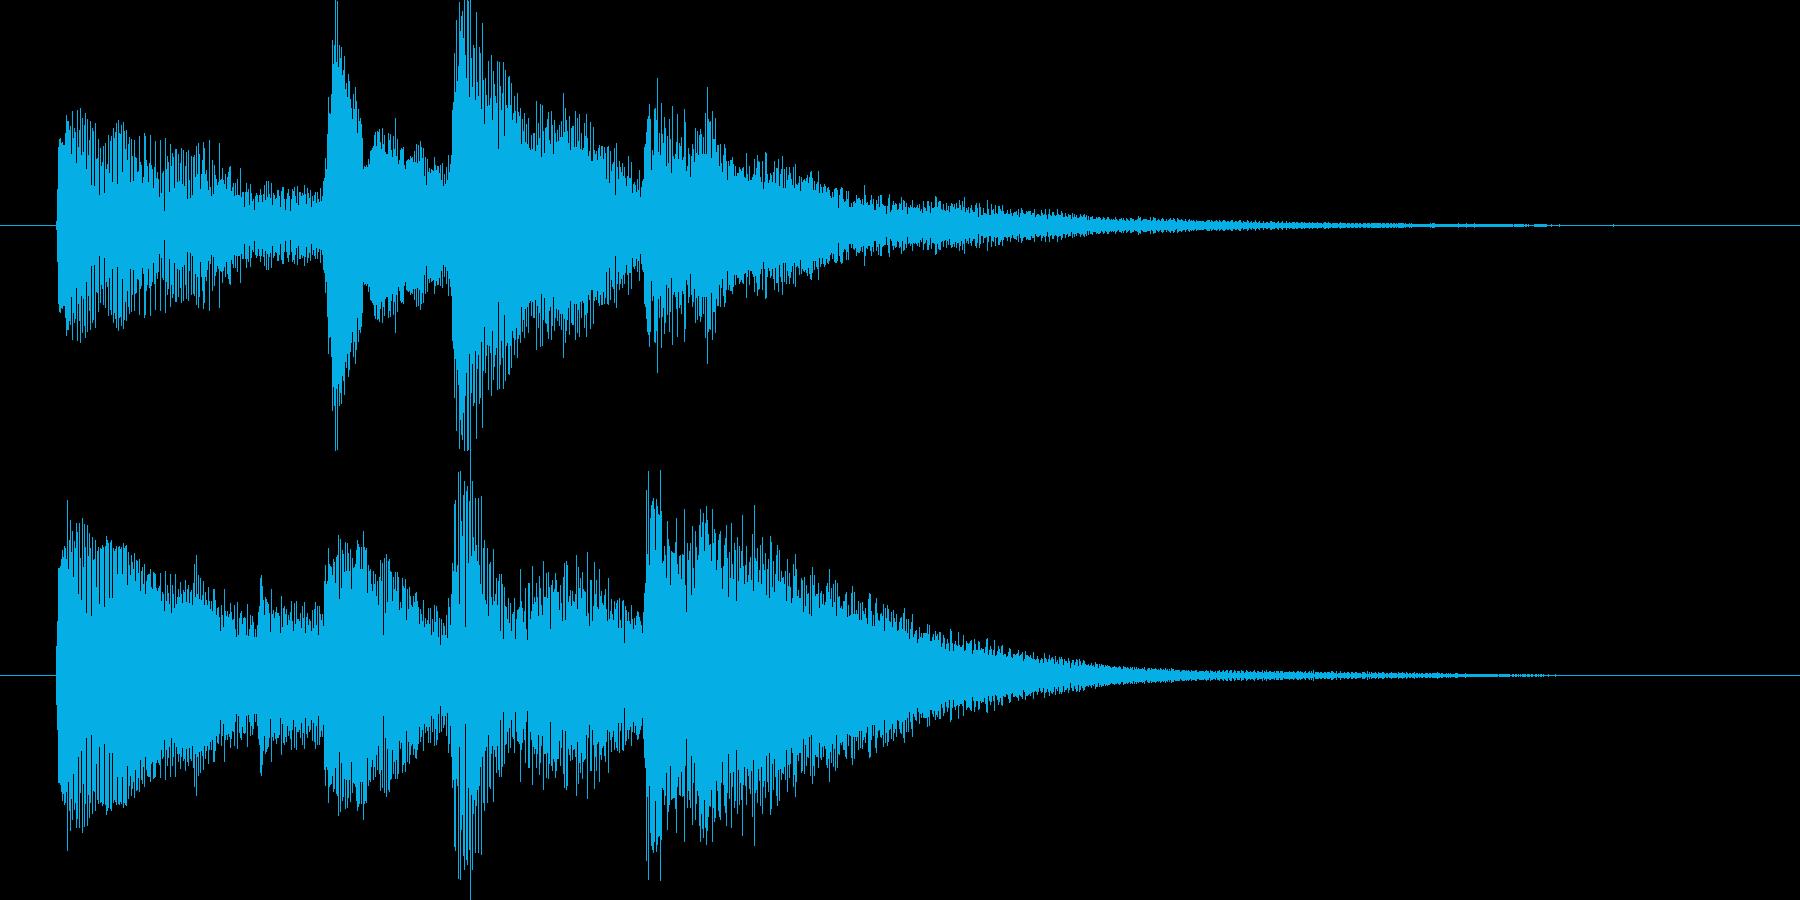 【ジングル】ファンタジー感のあるジングルの再生済みの波形